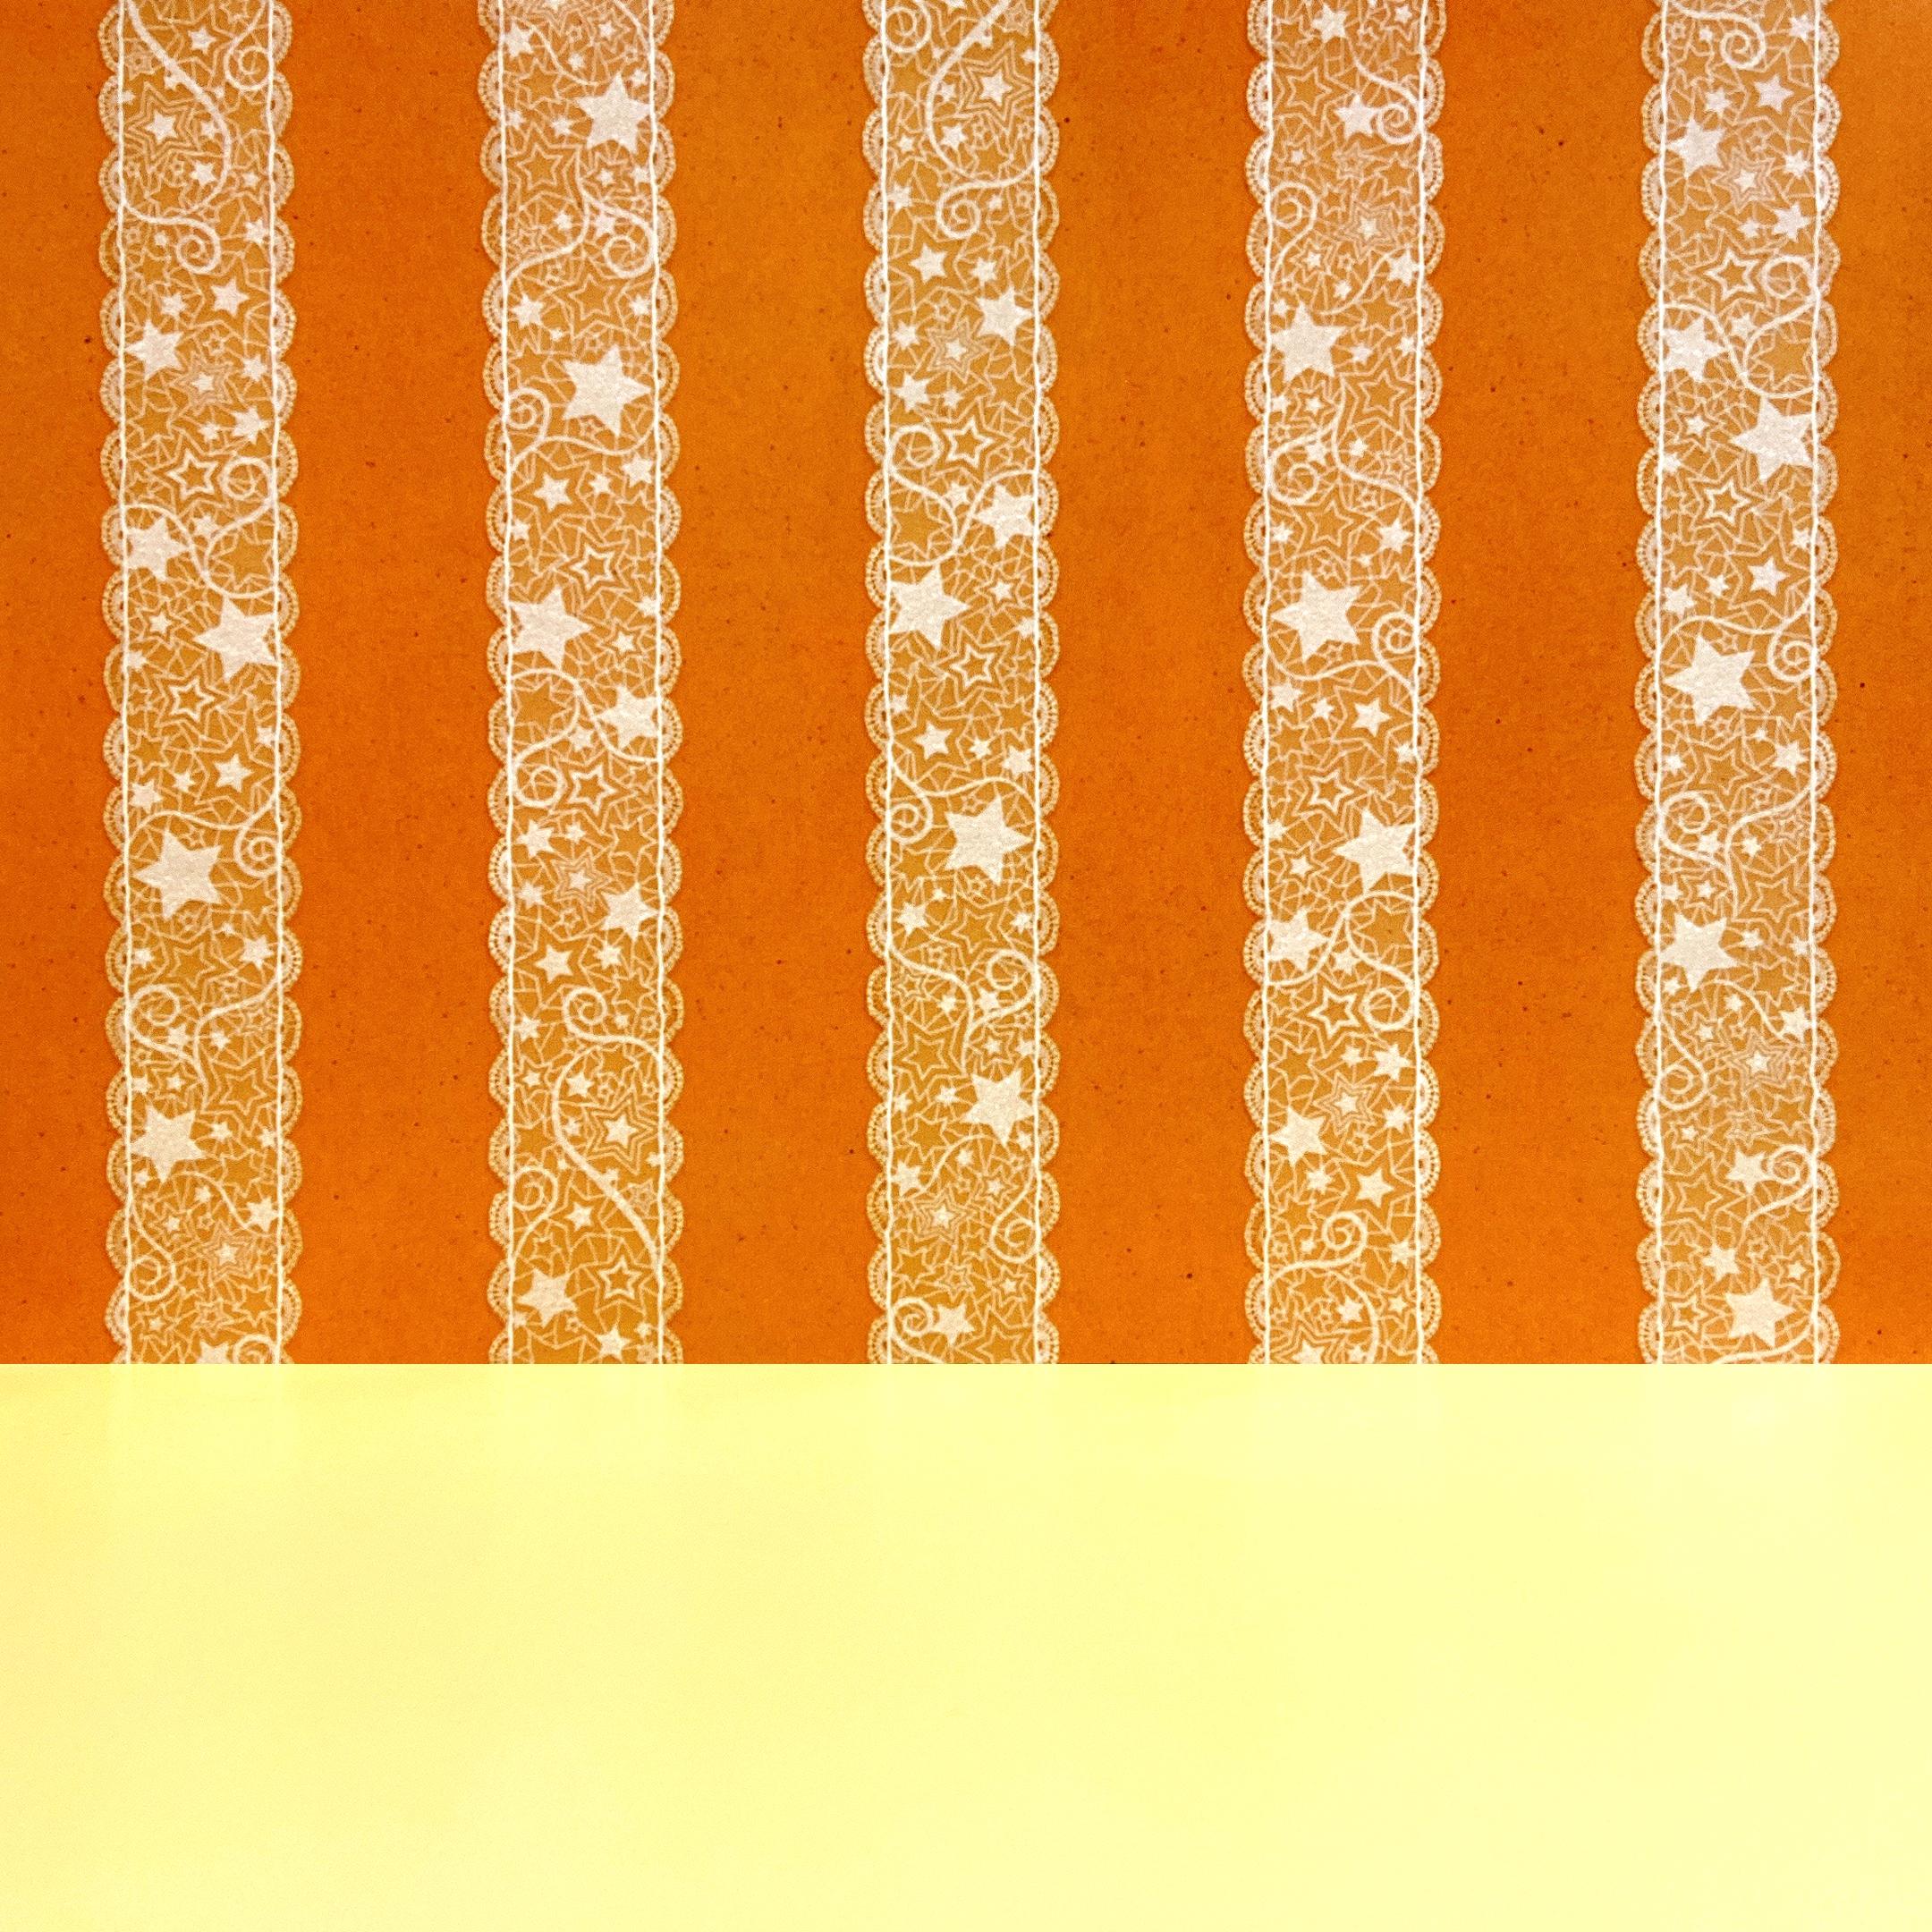 Ca_キュートなレースのオレンジカフェ